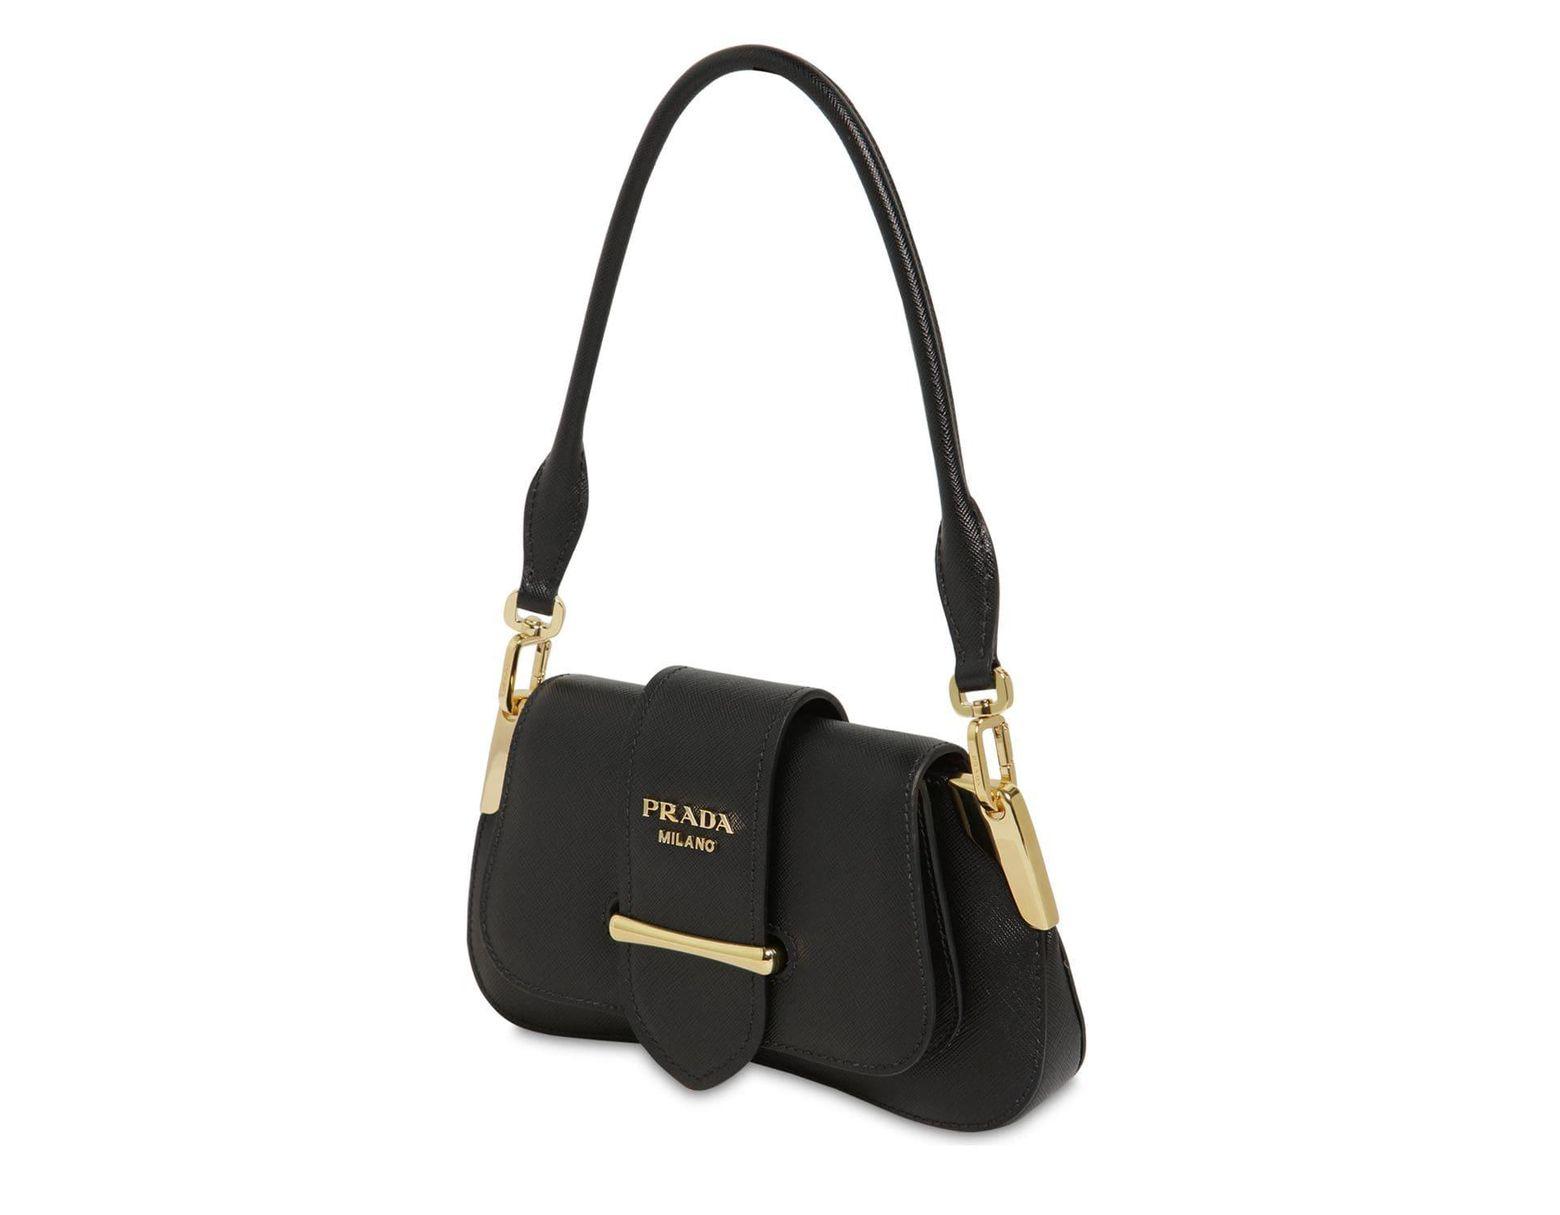 74d006119 Prada Small Sidonie Saffiano Shoulder Bag in Black - Lyst